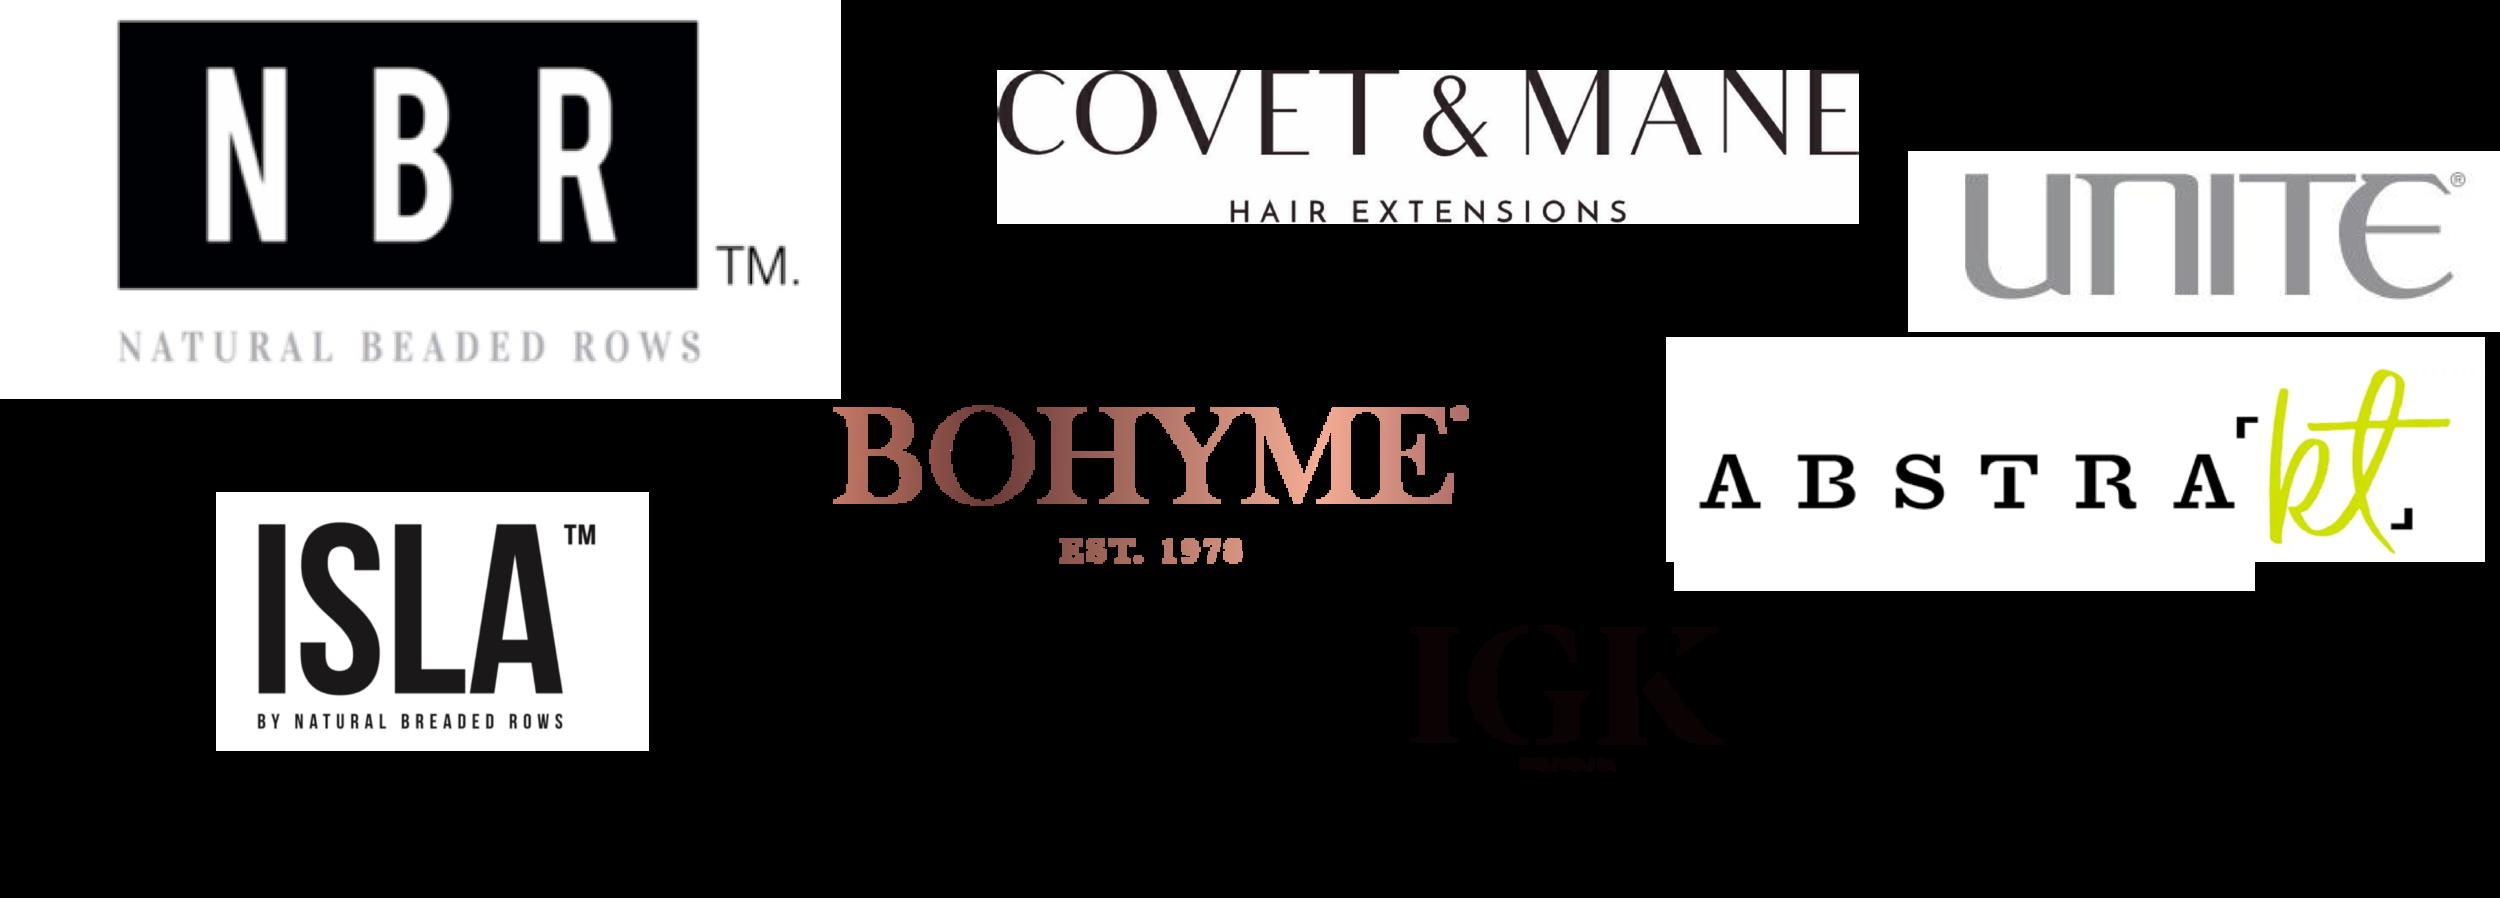 Boyhme Covet & Mane ISLA Hair Extensions IGK Hair Unite Abstrakt NBR